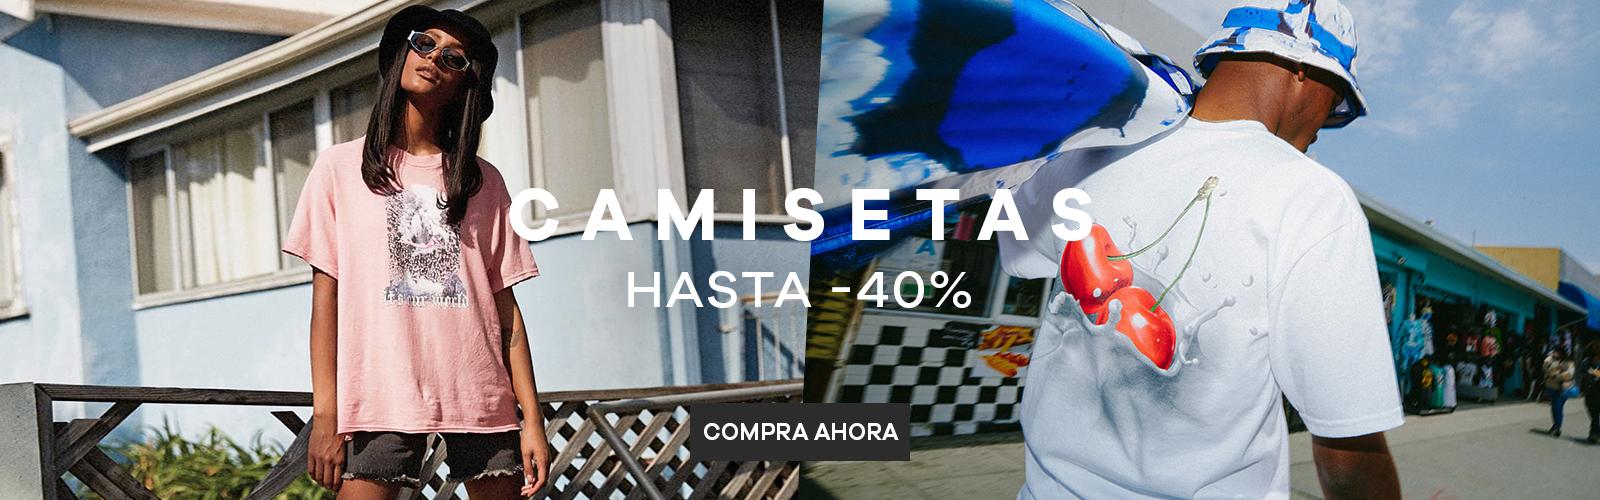 Camisetas | Hasta -40%